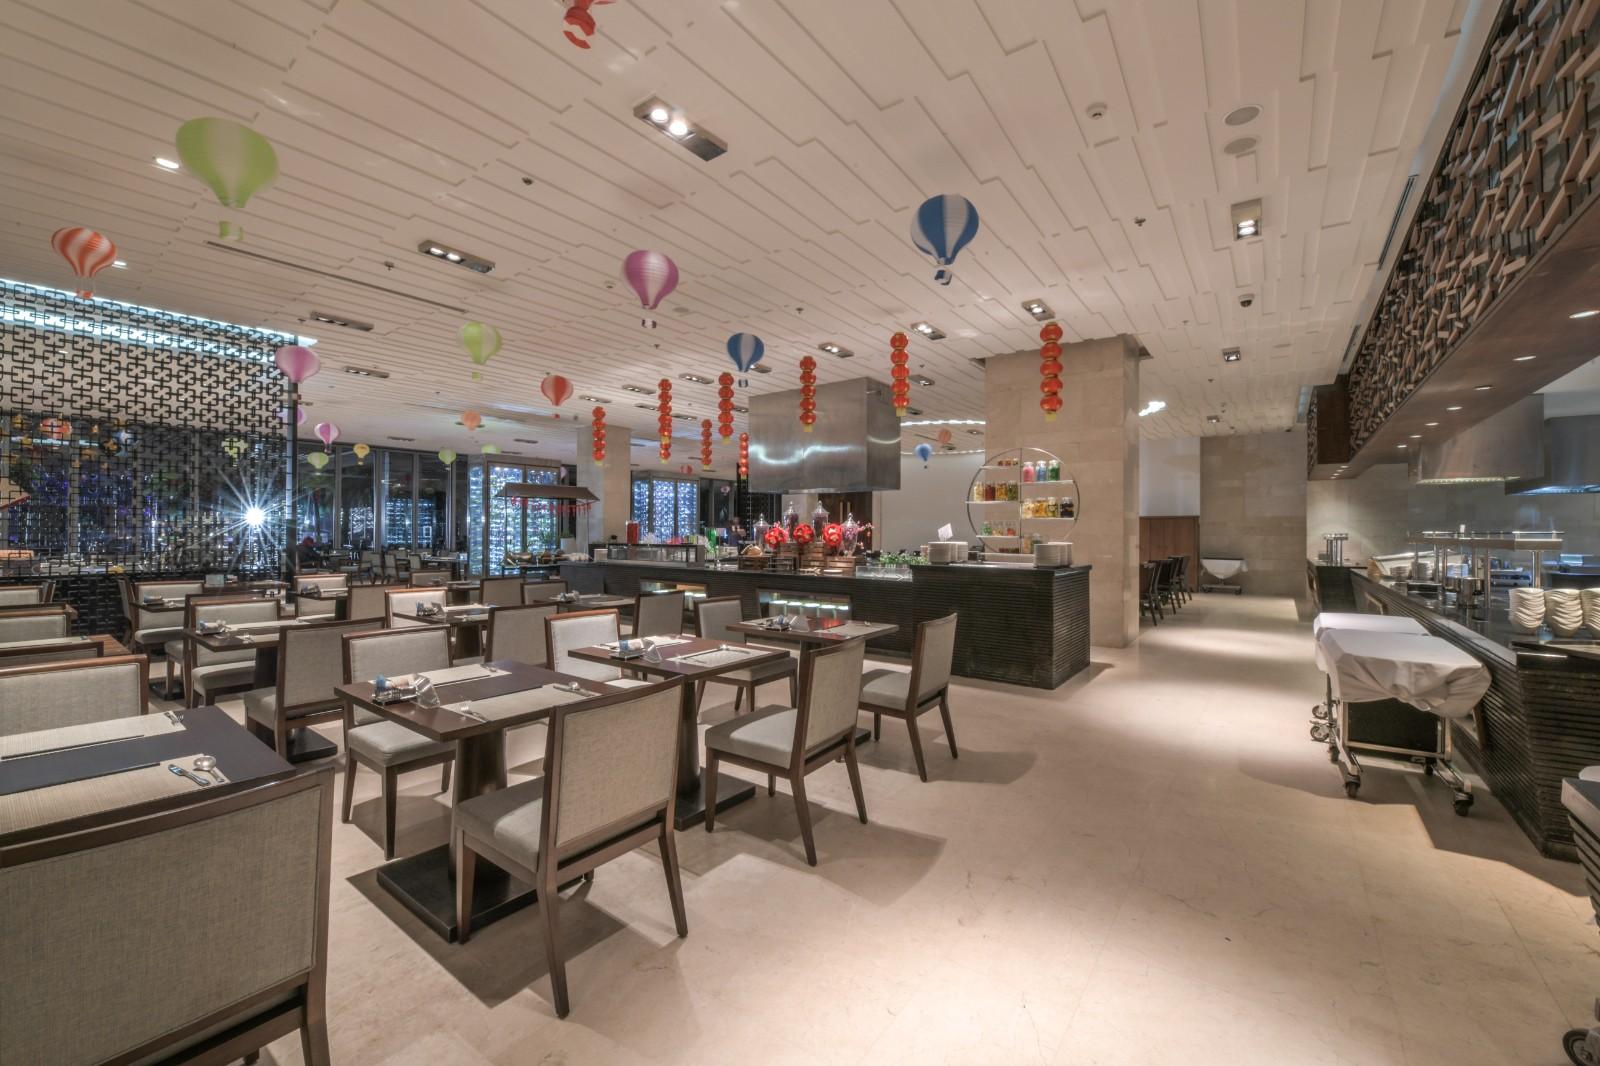 陵水特色西餐厅,颇具中式的名字,打造别样的就餐体验